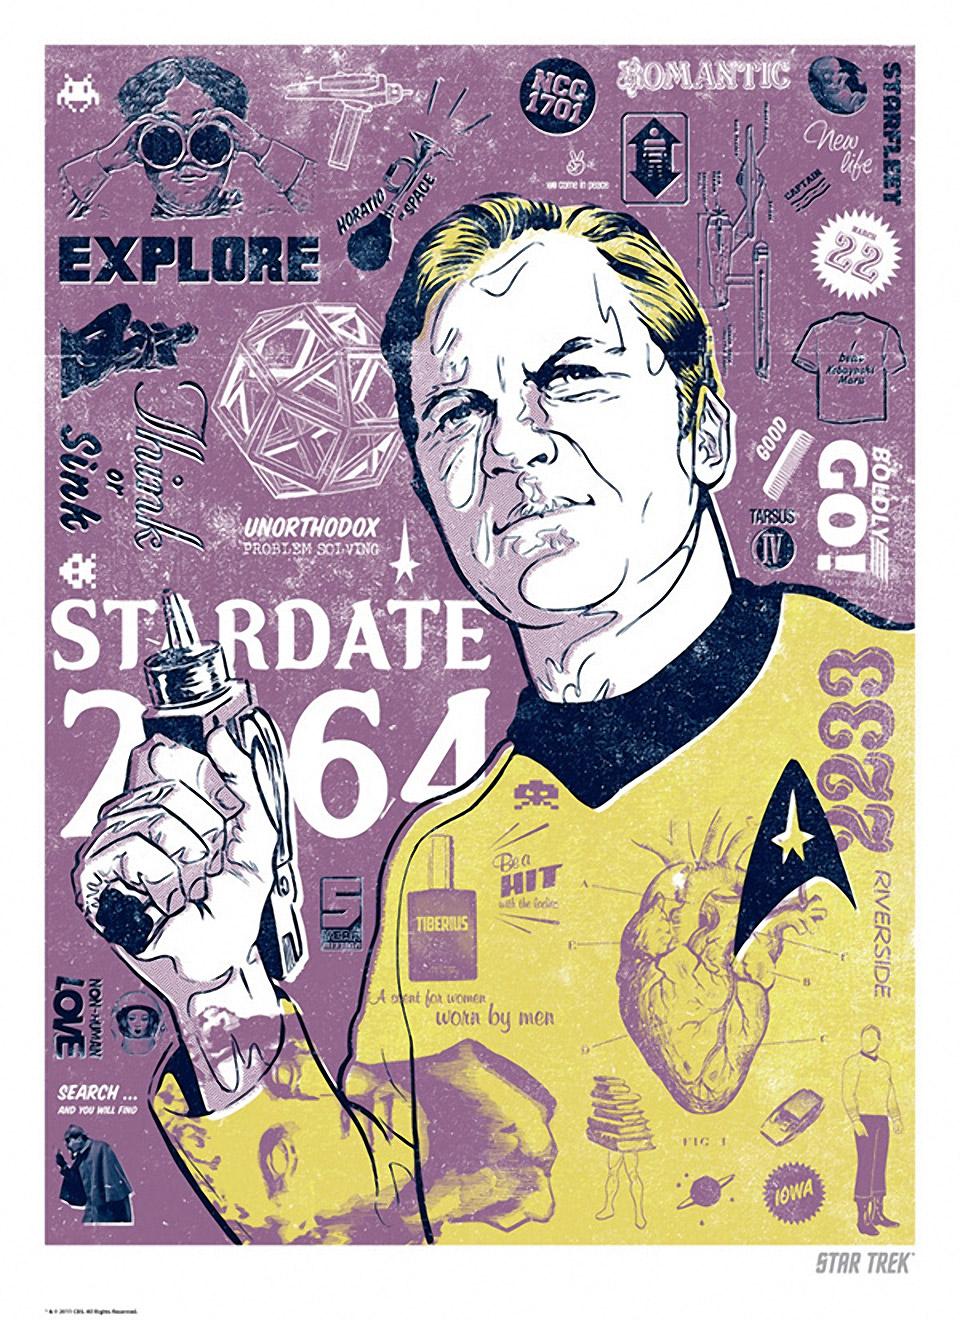 Official Star Trek Art: Anatomy of the Enterprise